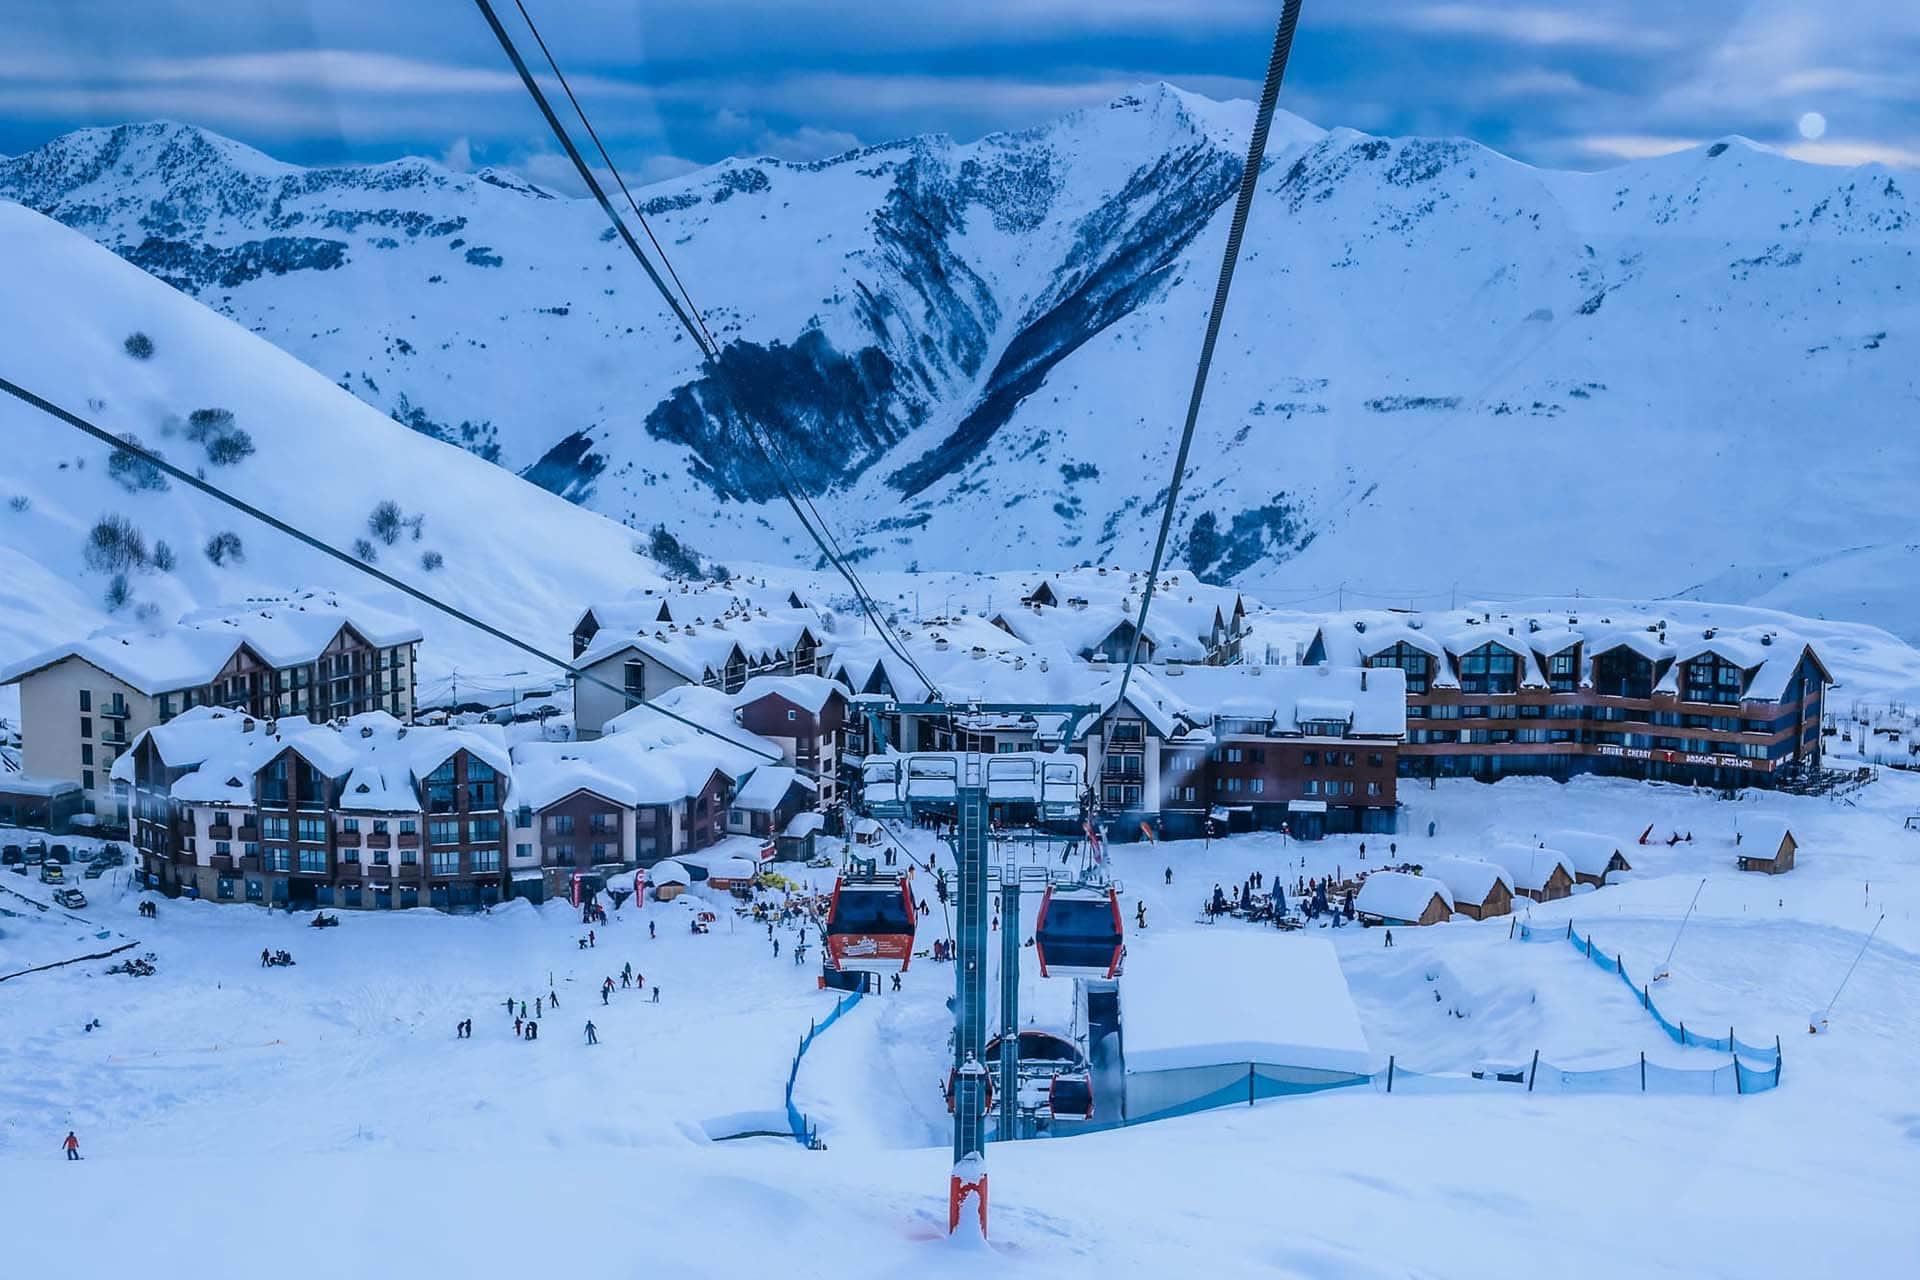 skiing-in-georgia-at-gudaur-ski-resort